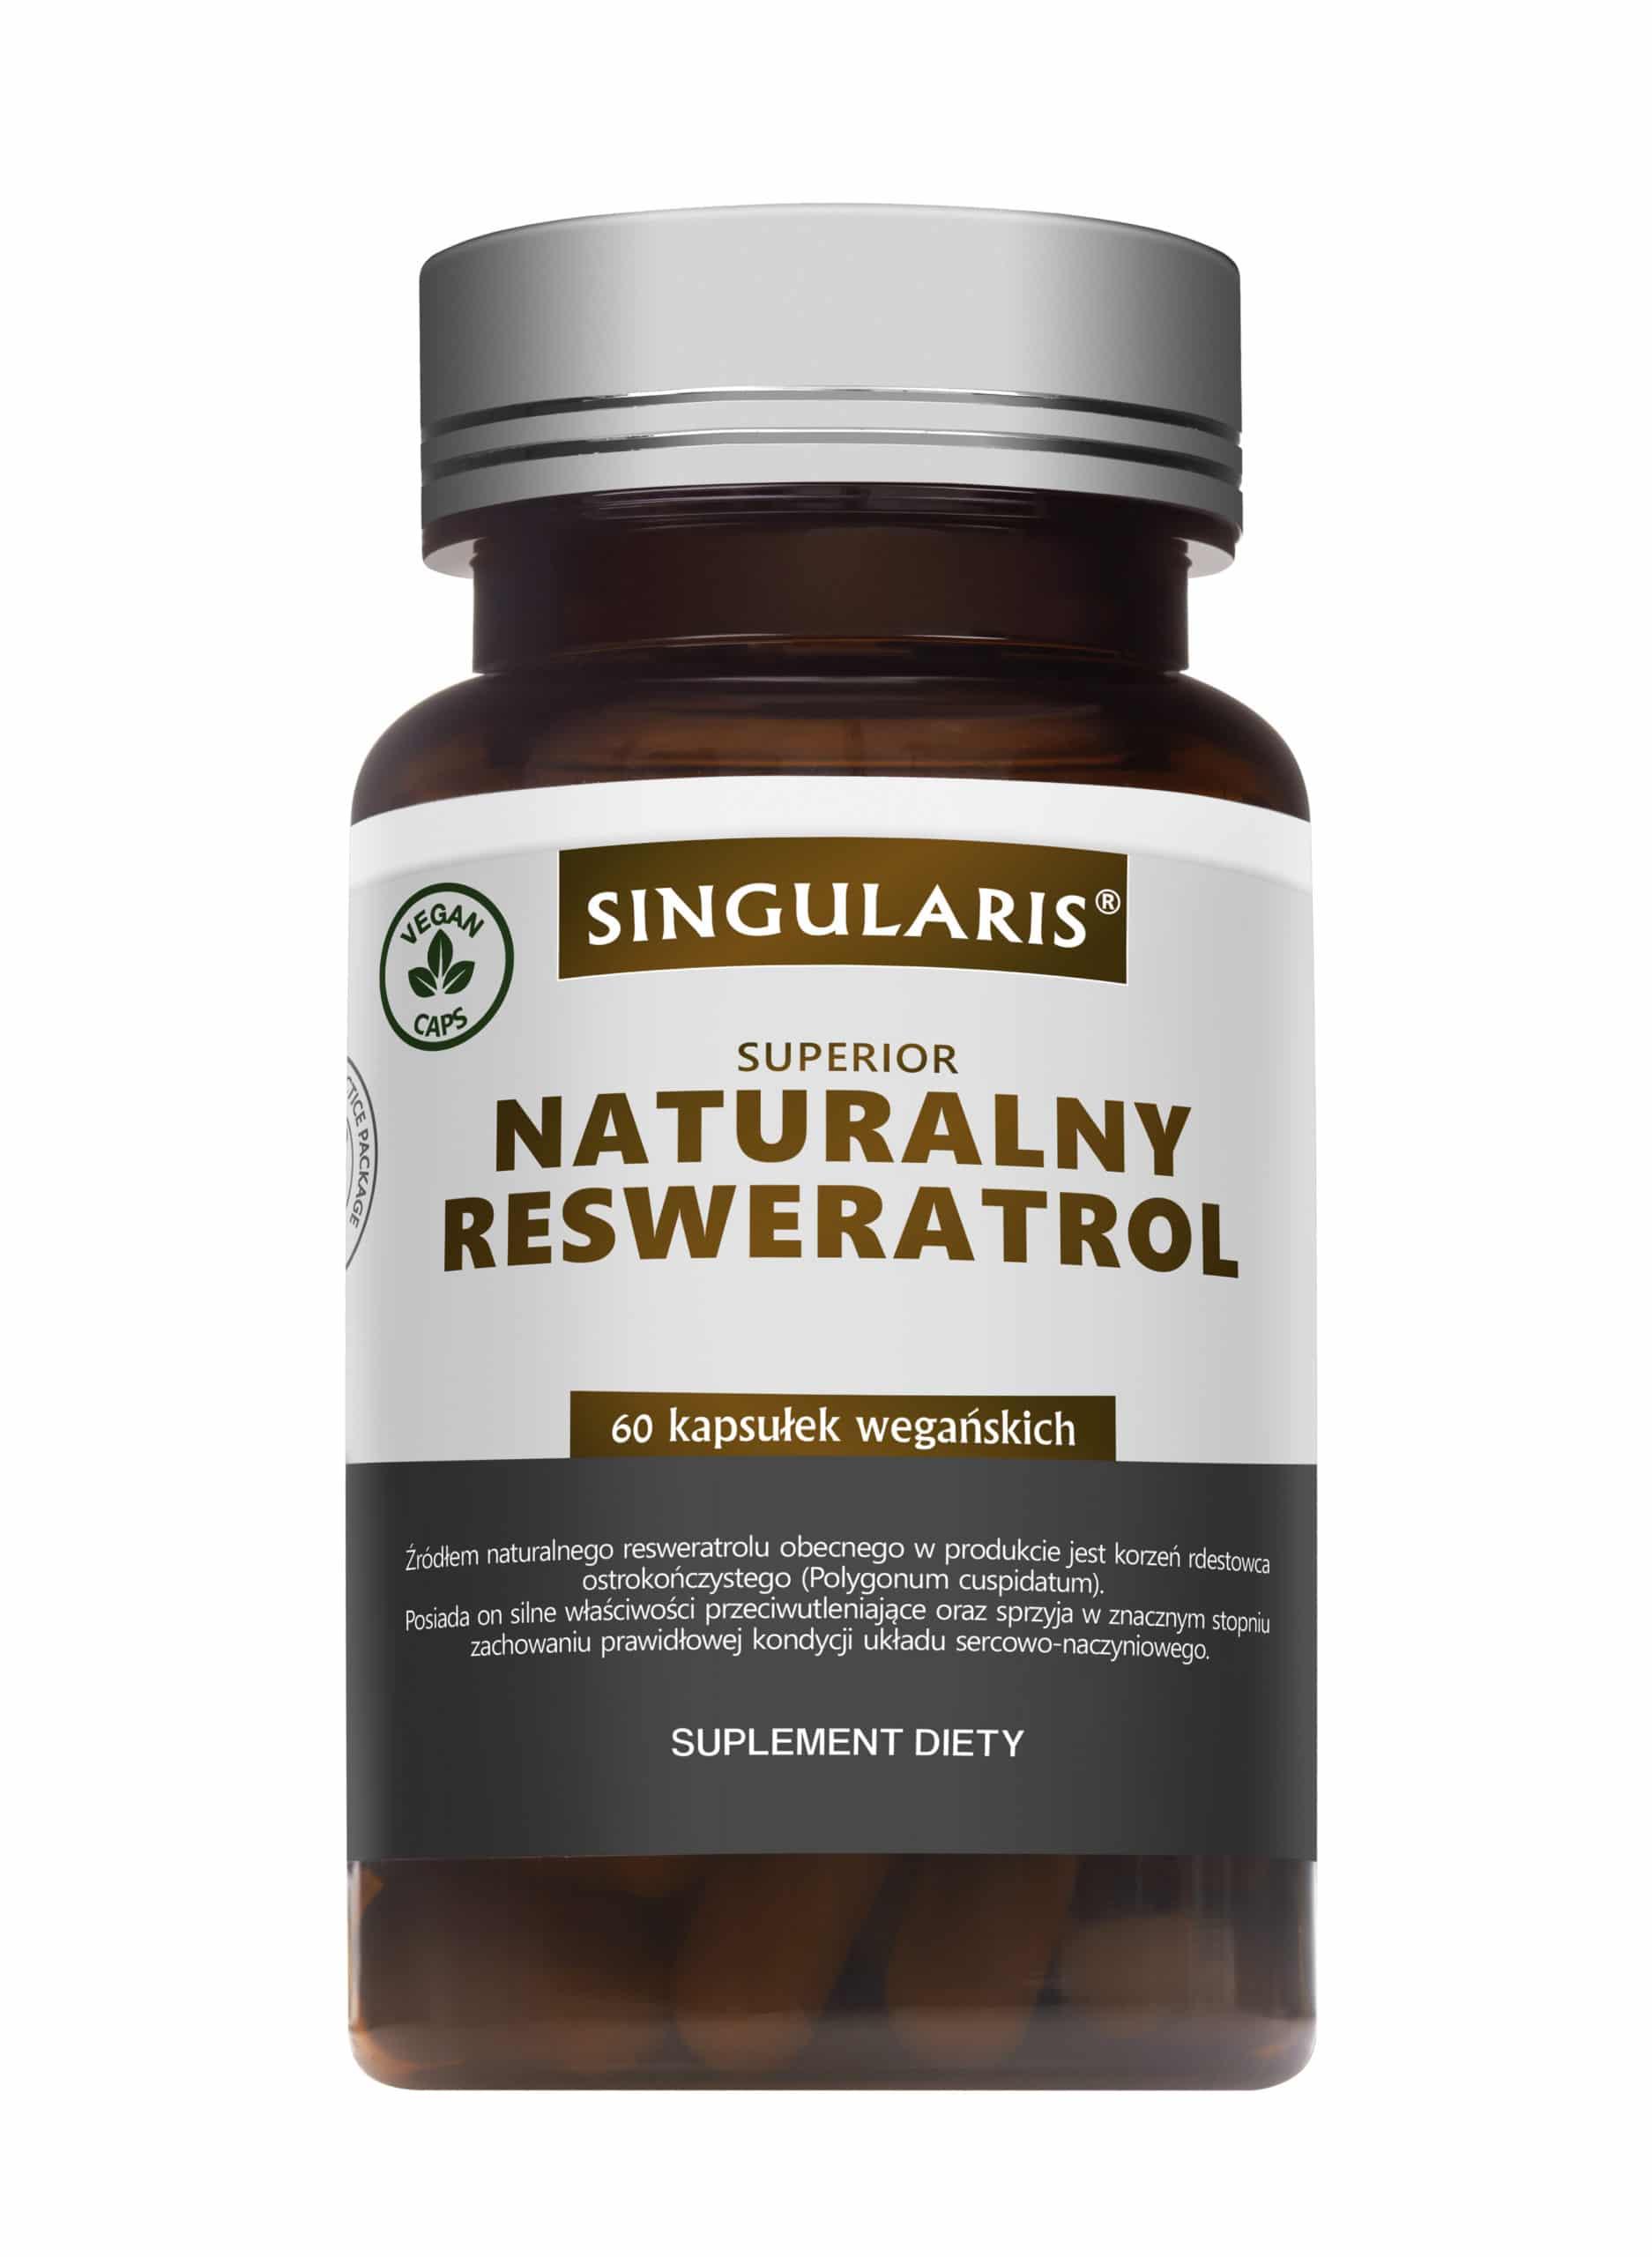 NATURALNY RESWERATROL SINGULARIS® SUPERIOR - 60 kapsułek wegańskich